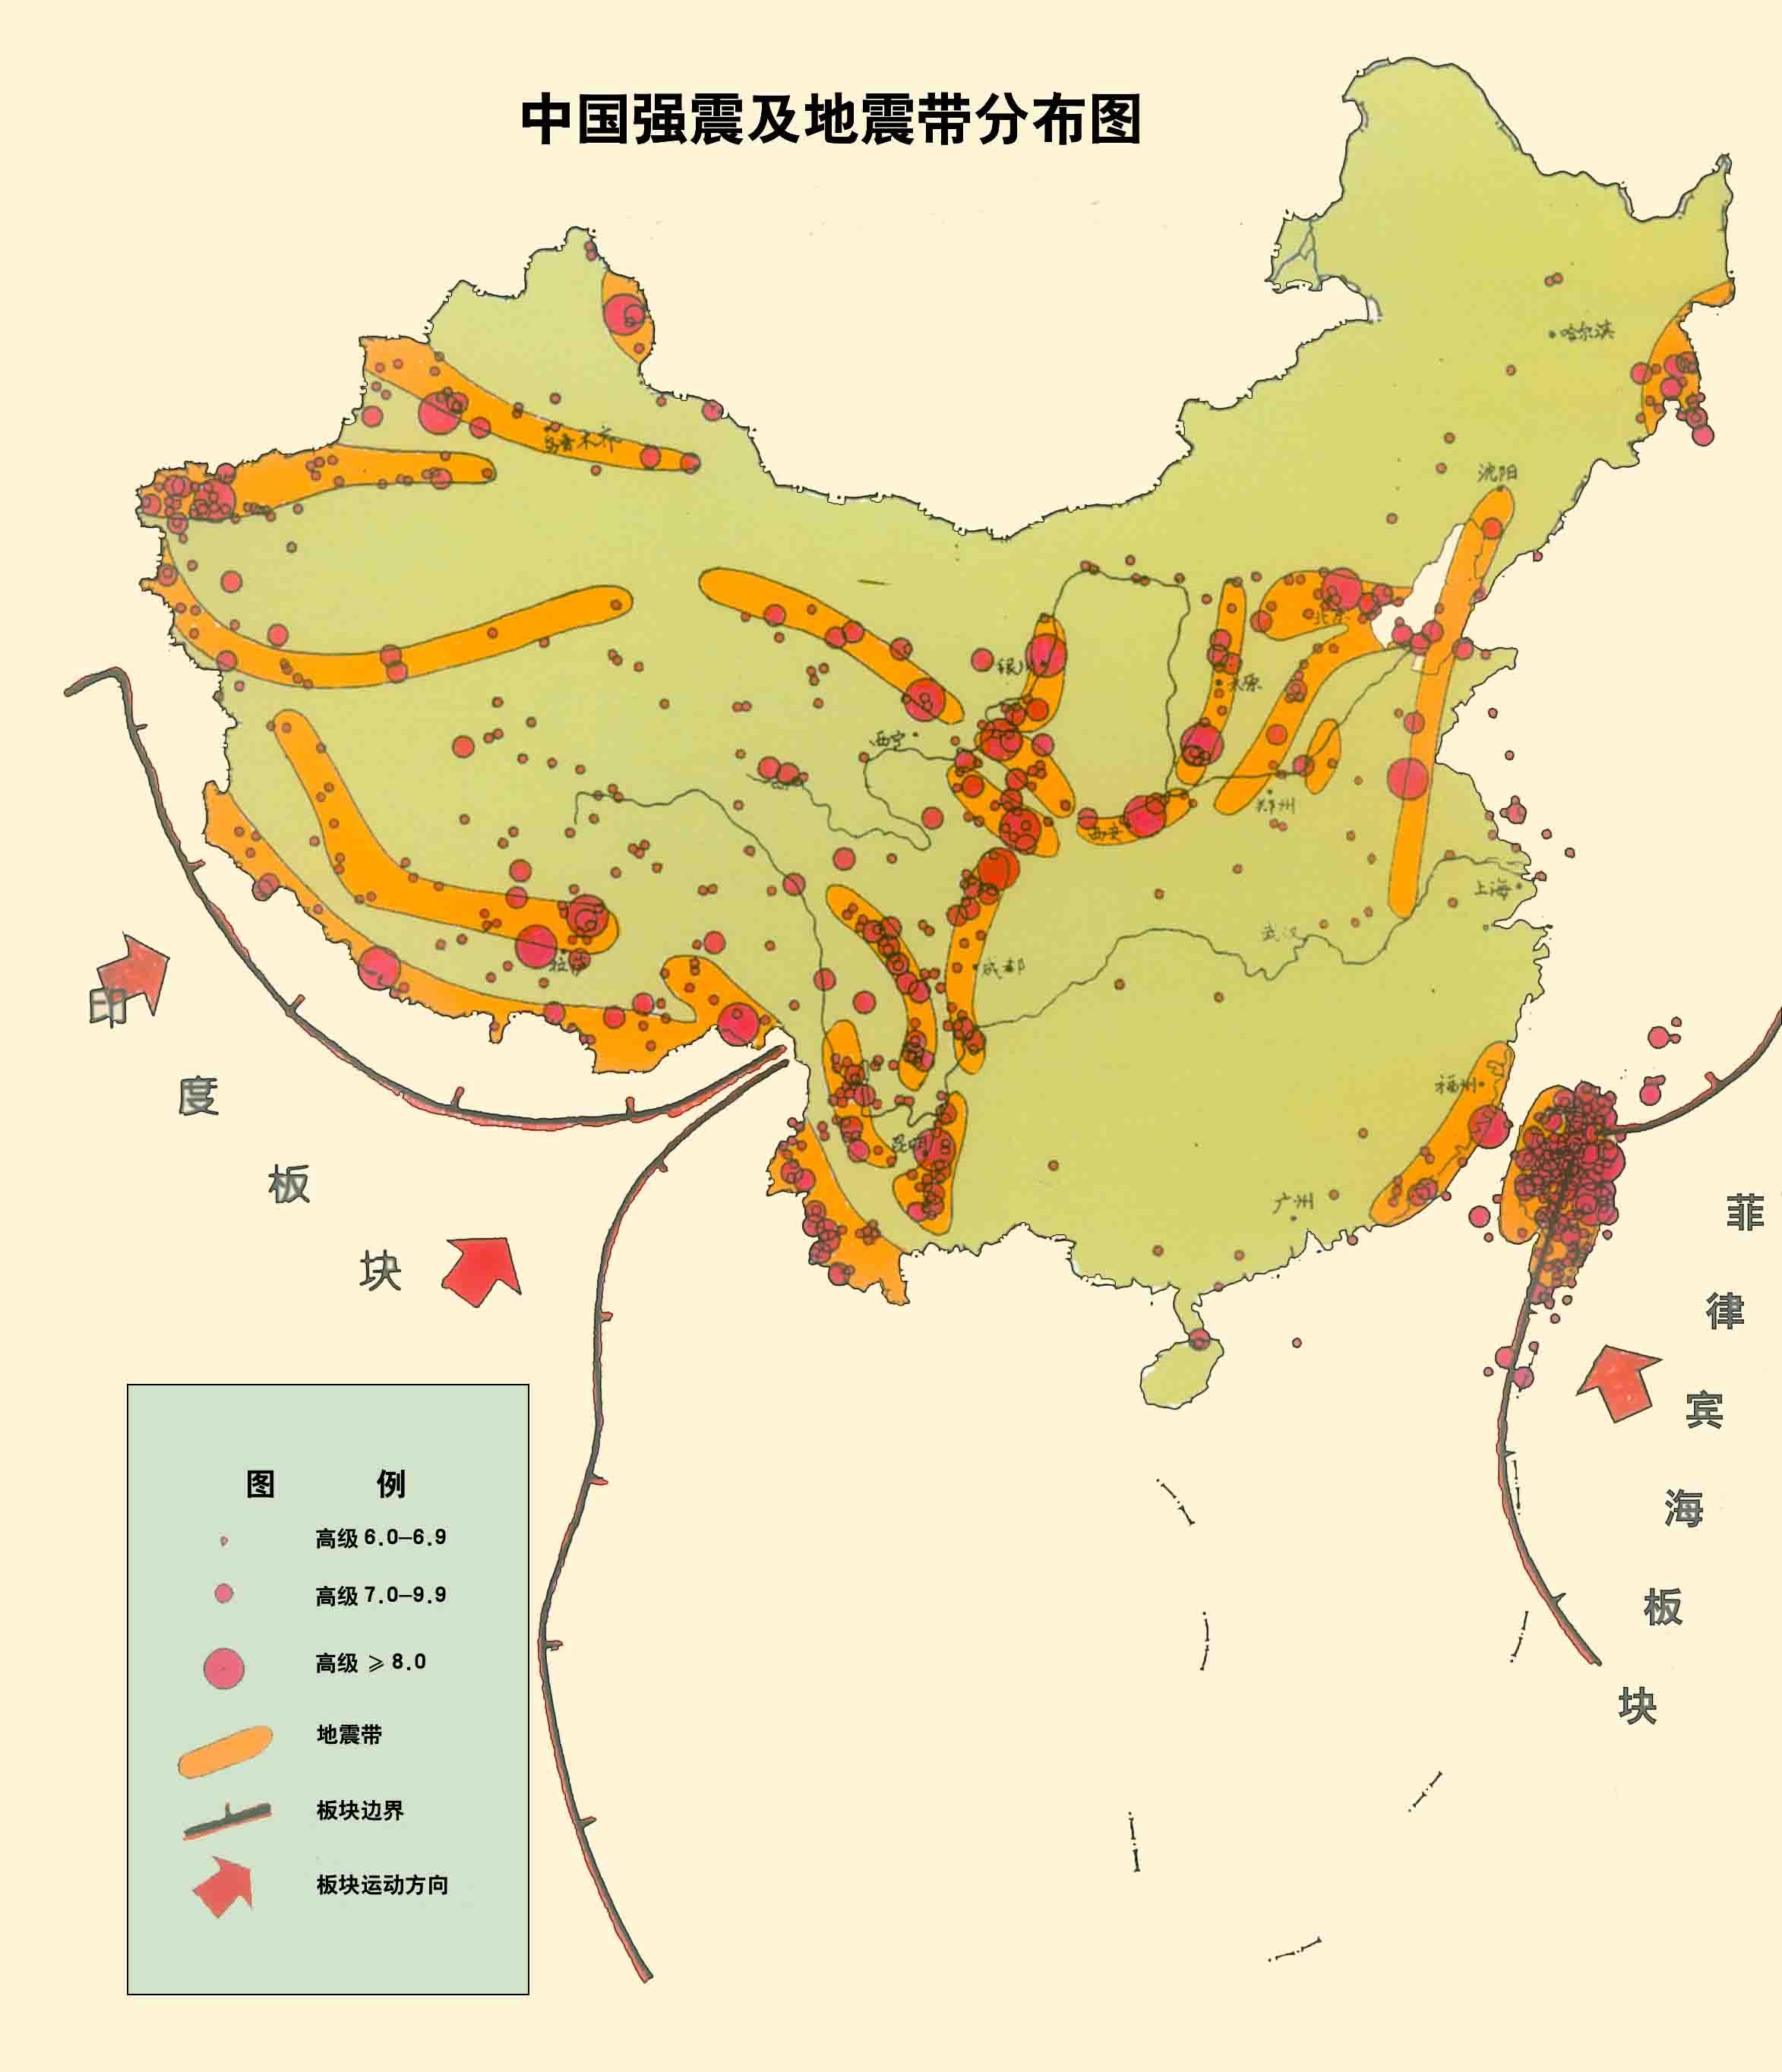 """地震图_中国地震直线""""鸿裂线""""形成动画 _地震吧_百度贴吧"""